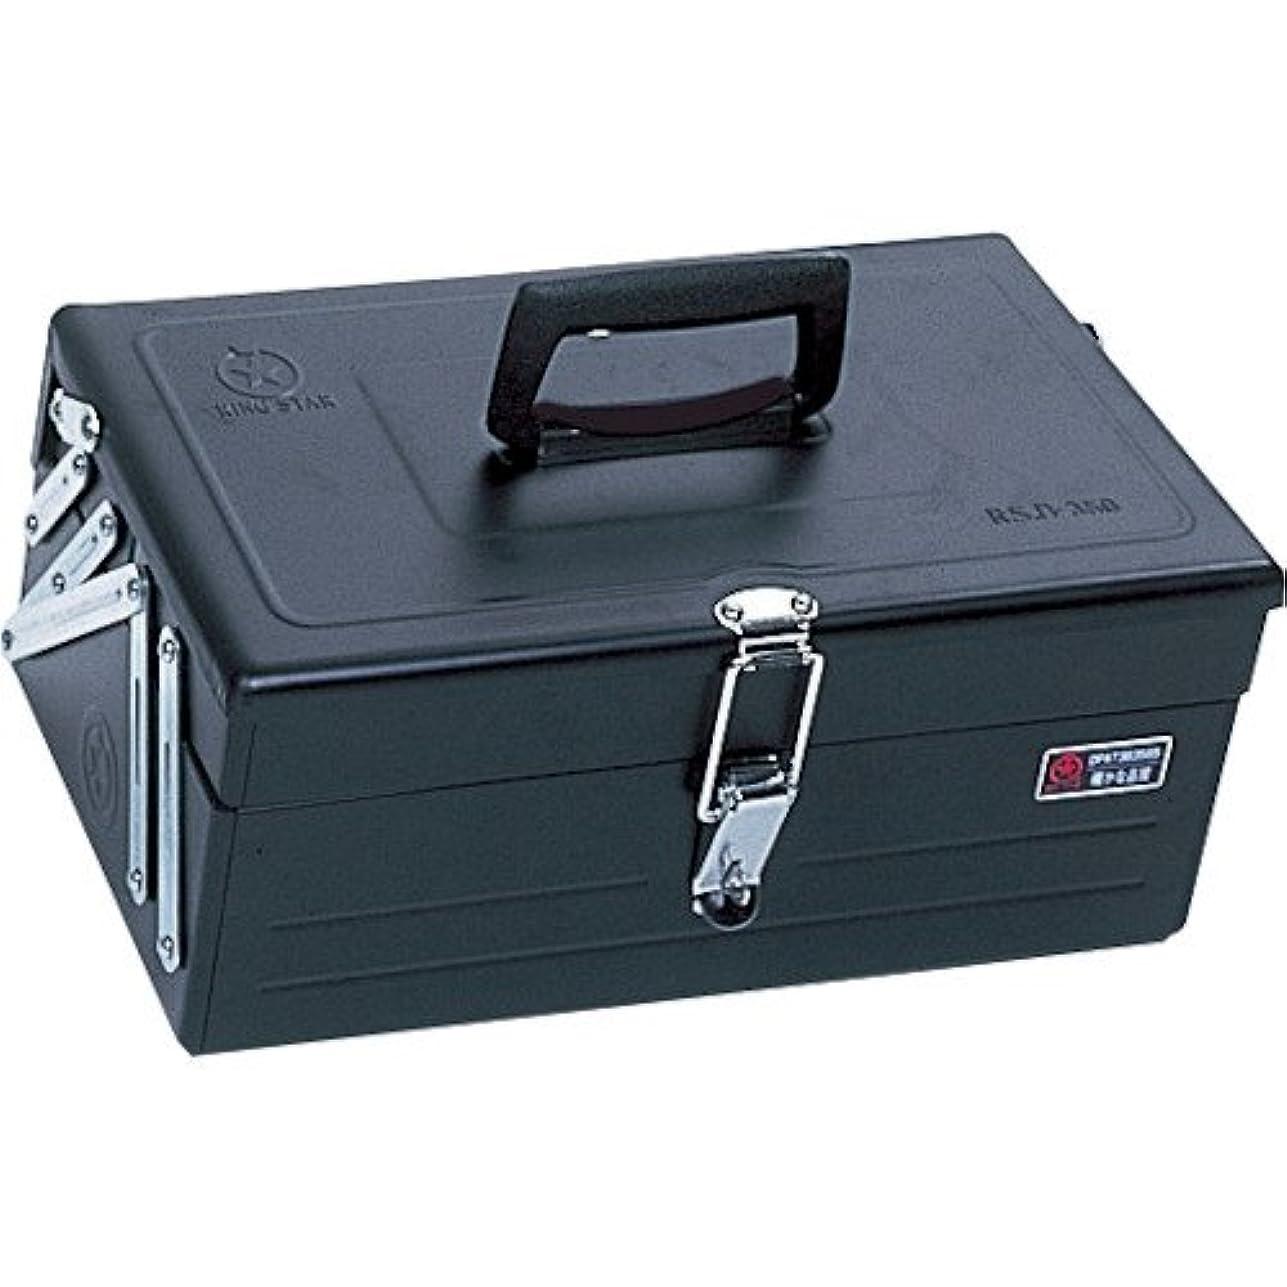 世界くつろぐ限りなくリングスター 2段式ボックス スチール製 ブラック RSD-350 【L350×W200×H150mm】